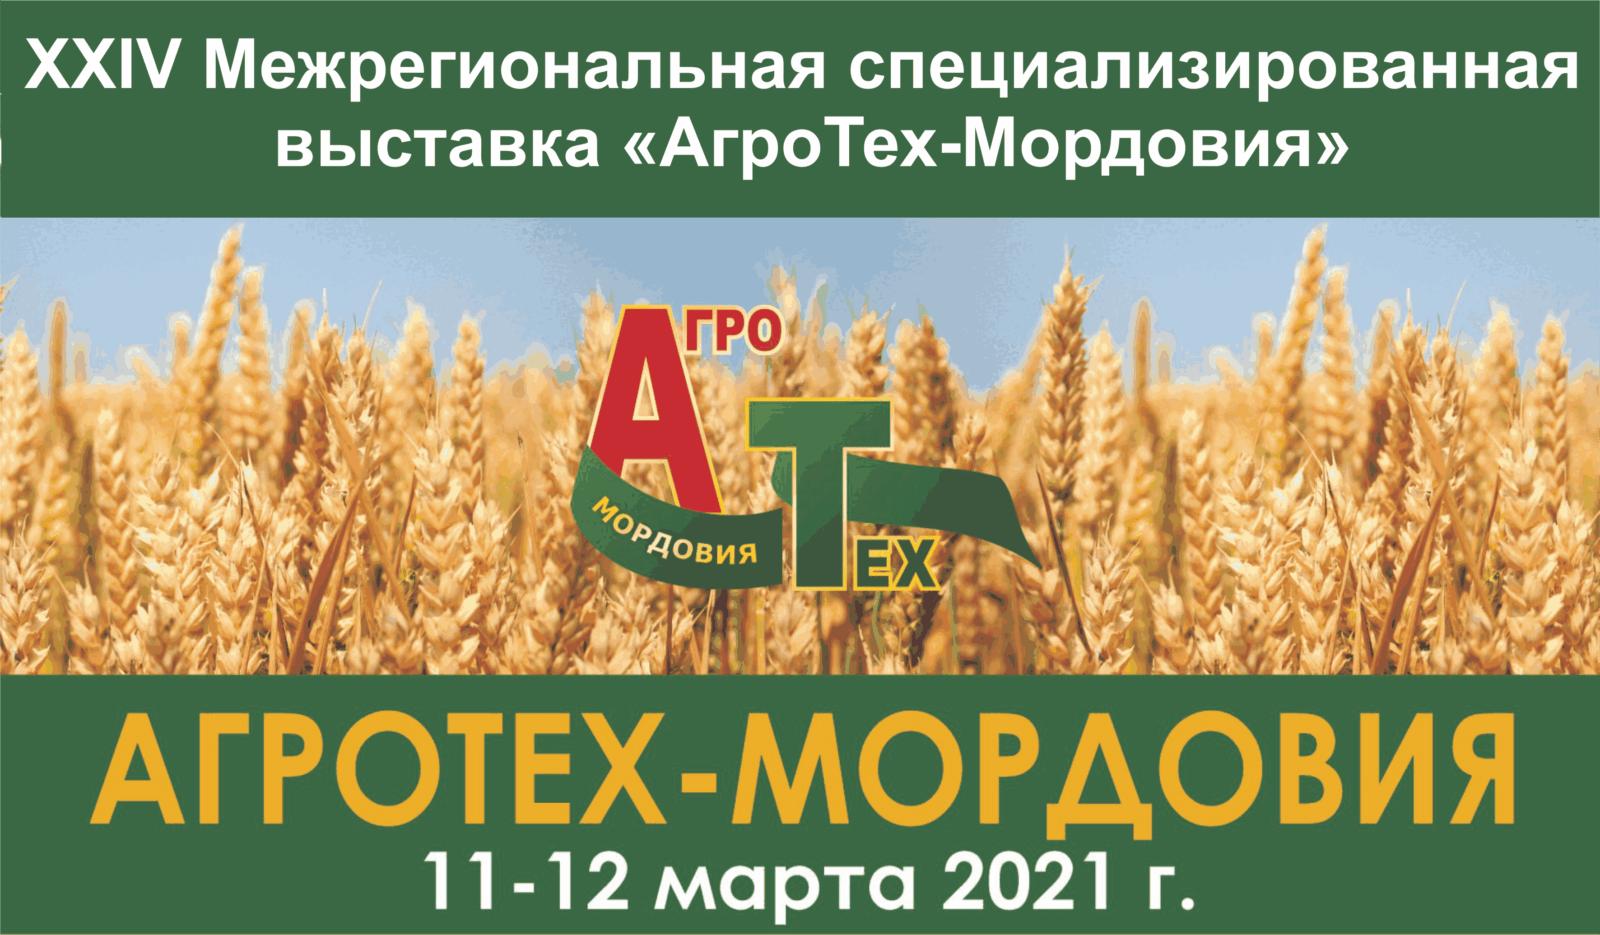 agroteh mordoviya 1 - АгроТех-Мордовия 2021